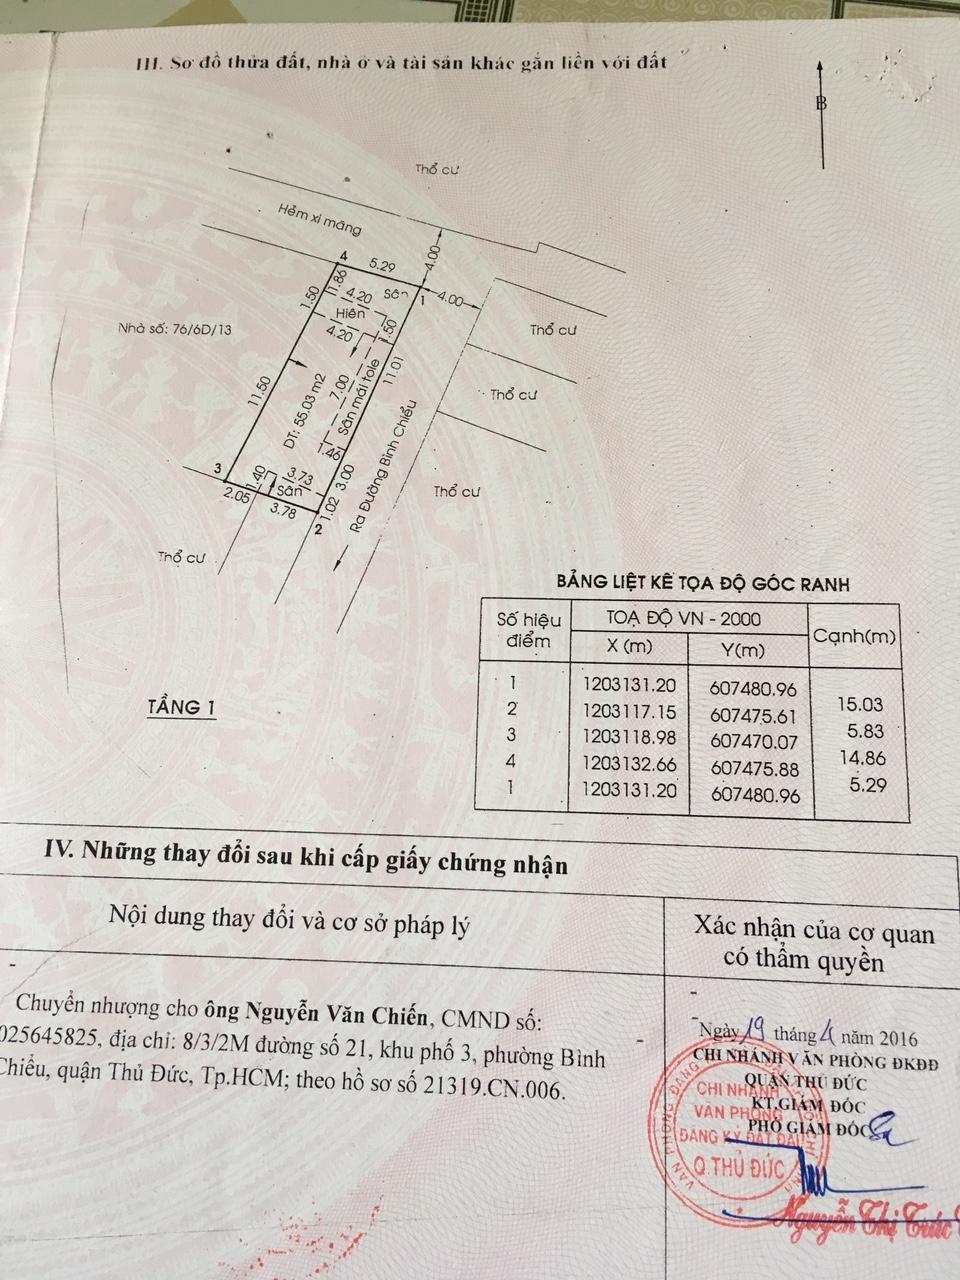 Bán nhà cấp 4 hai mặt tiền hẻm đường Bình Chiểu Quận Thủ Đức, Diện tích 82,8 m2, giá 3,5 tỷ.3